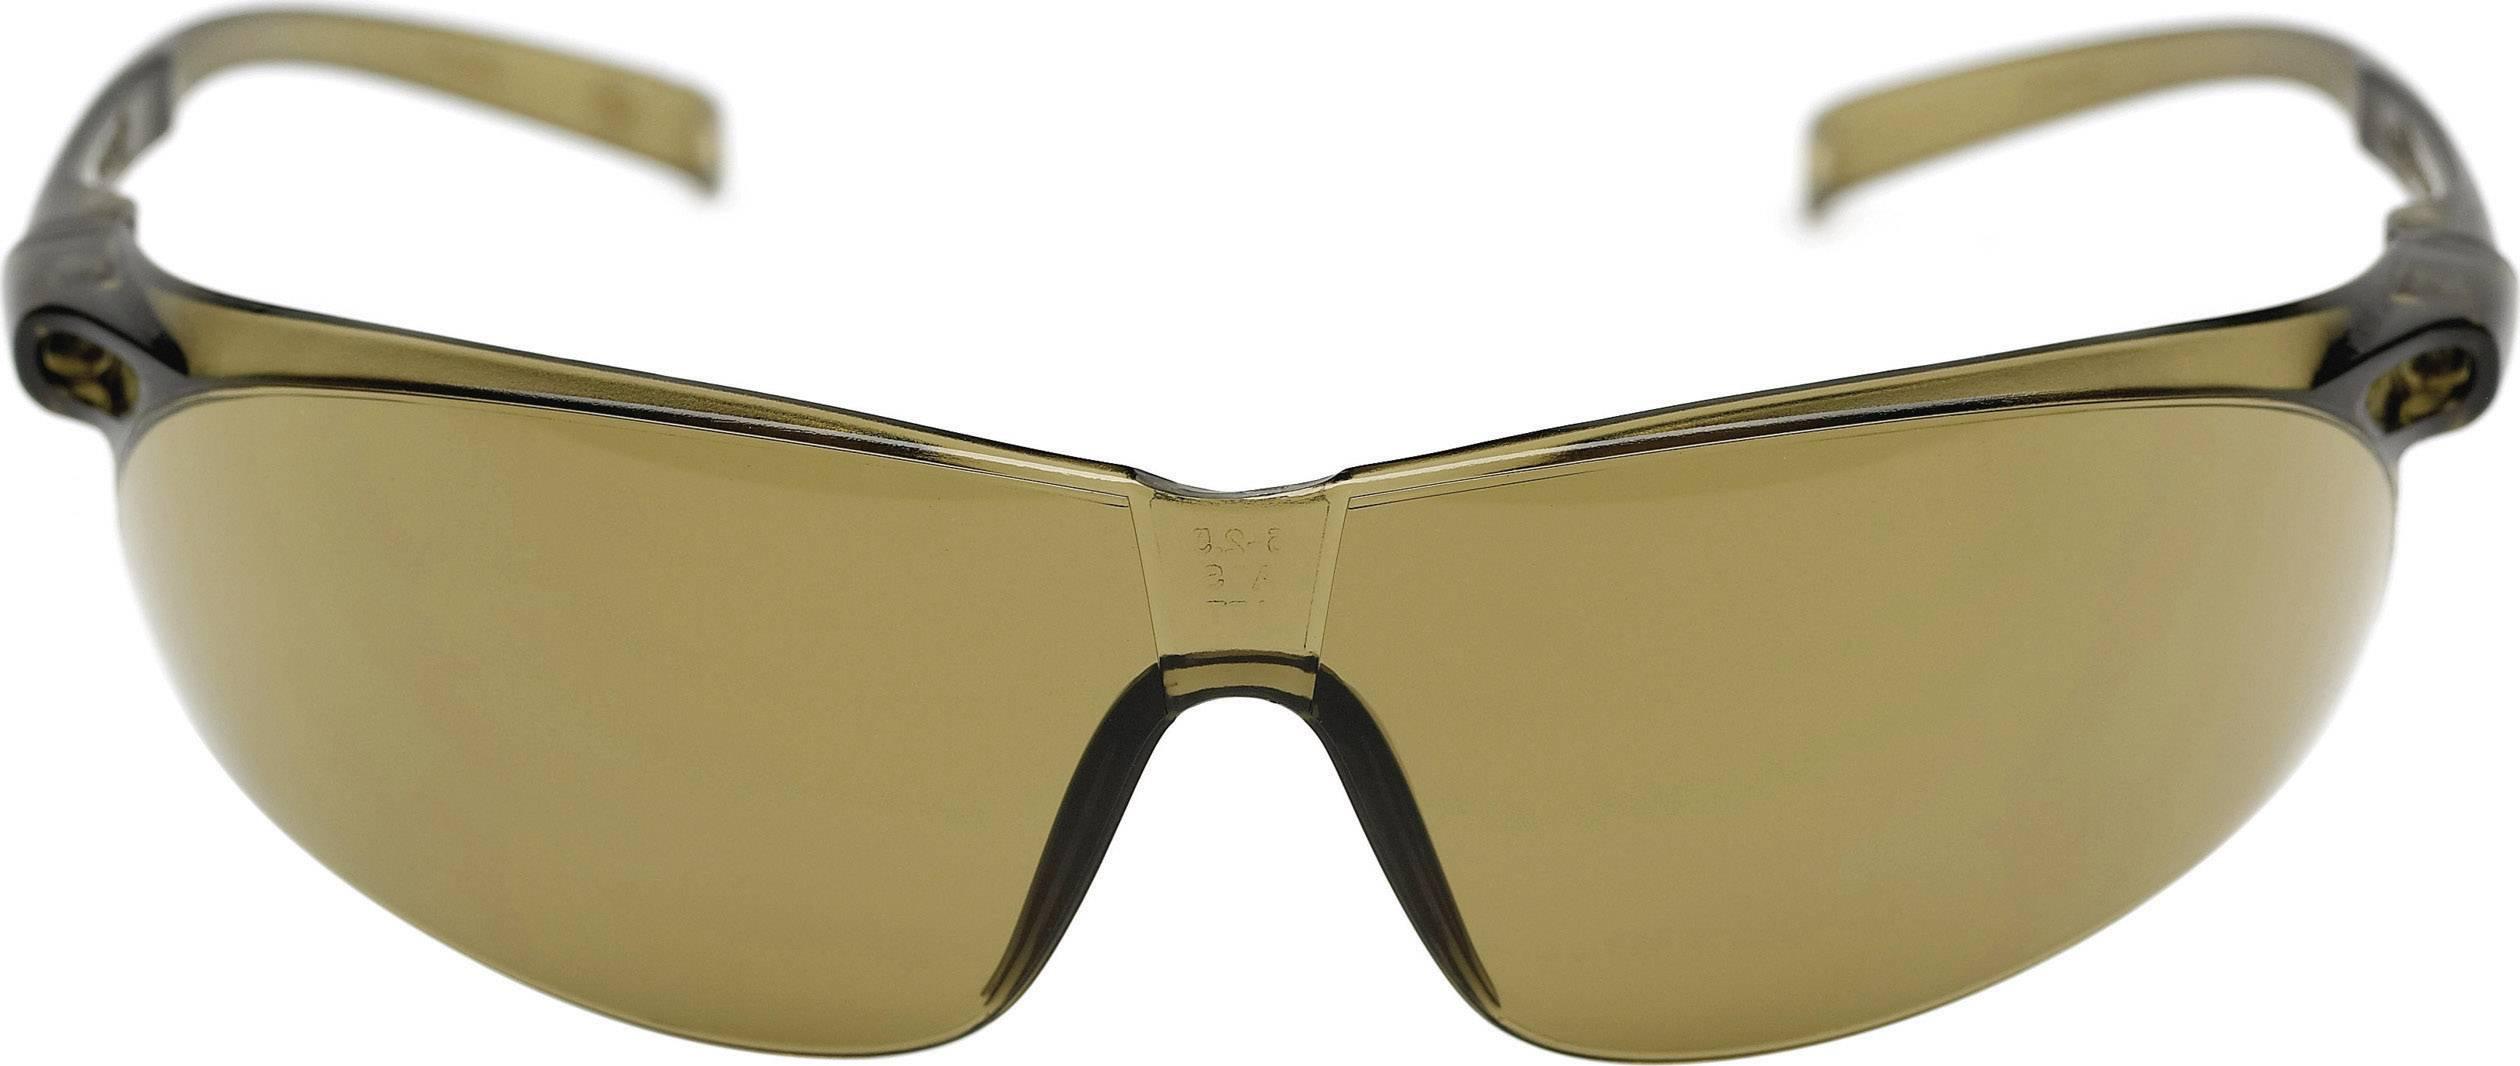 Ochranné okuliare 3M Tora, bronzové